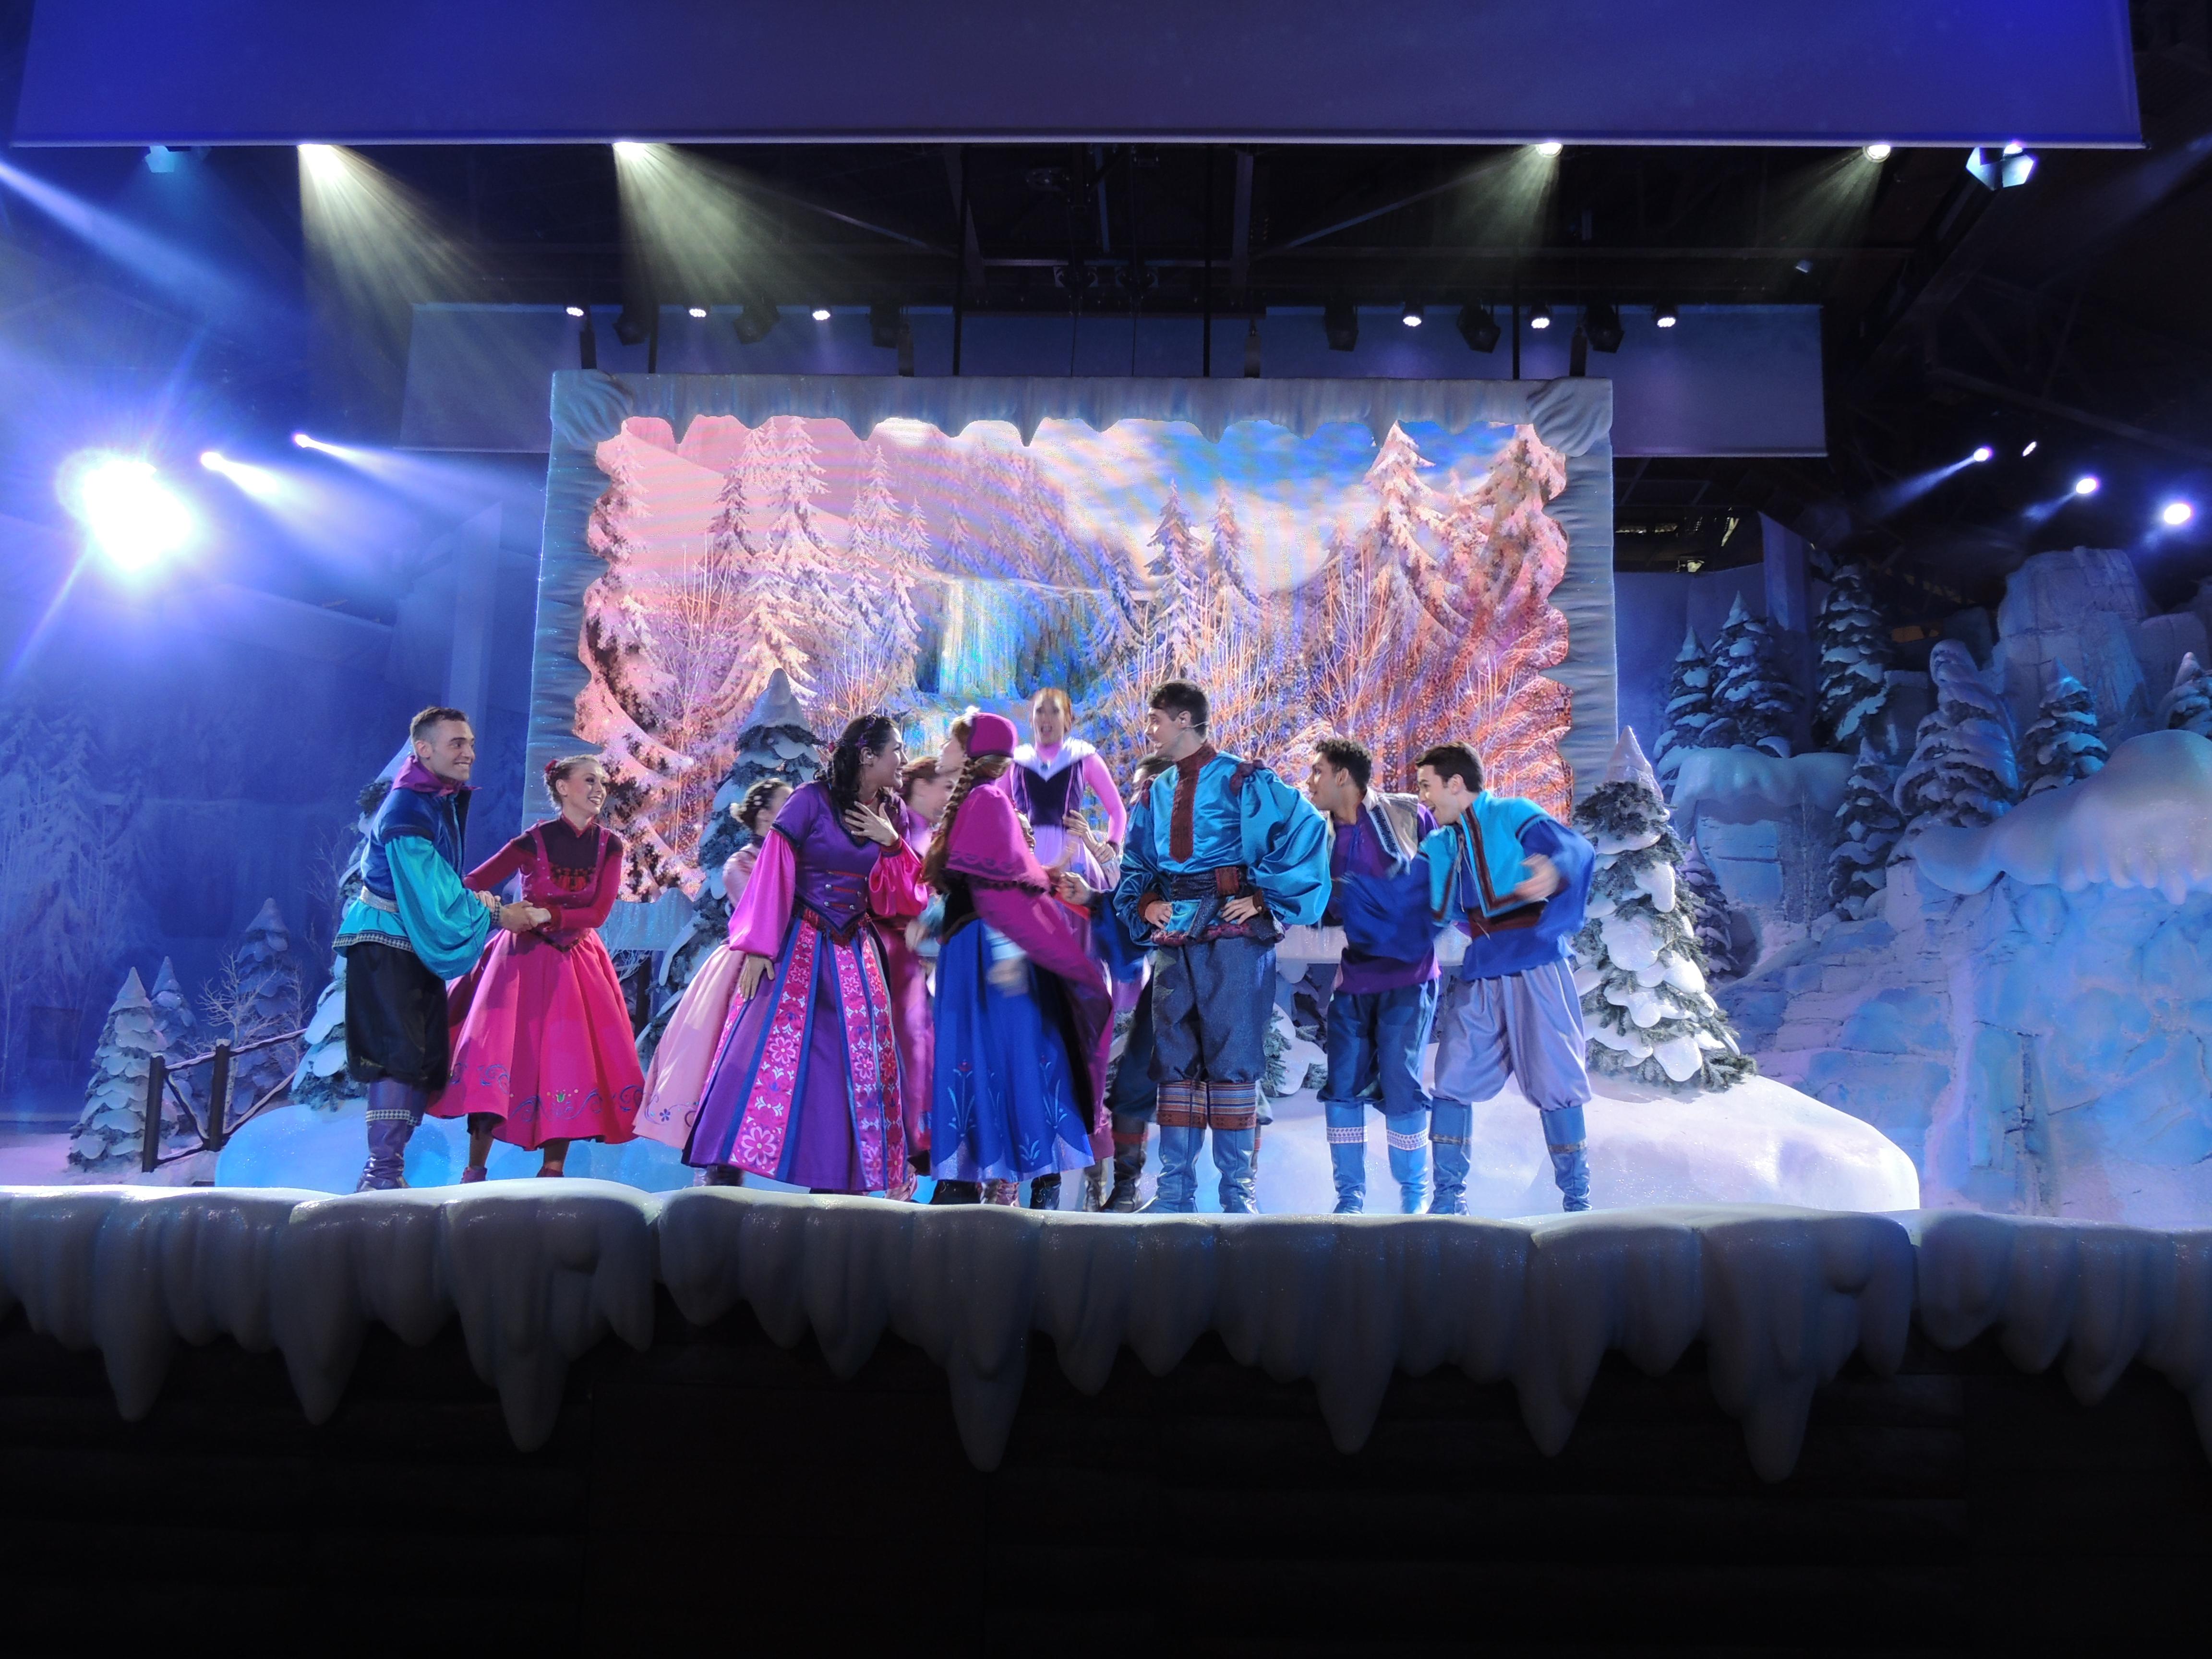 chantons la reine des neiges  15060203212674008